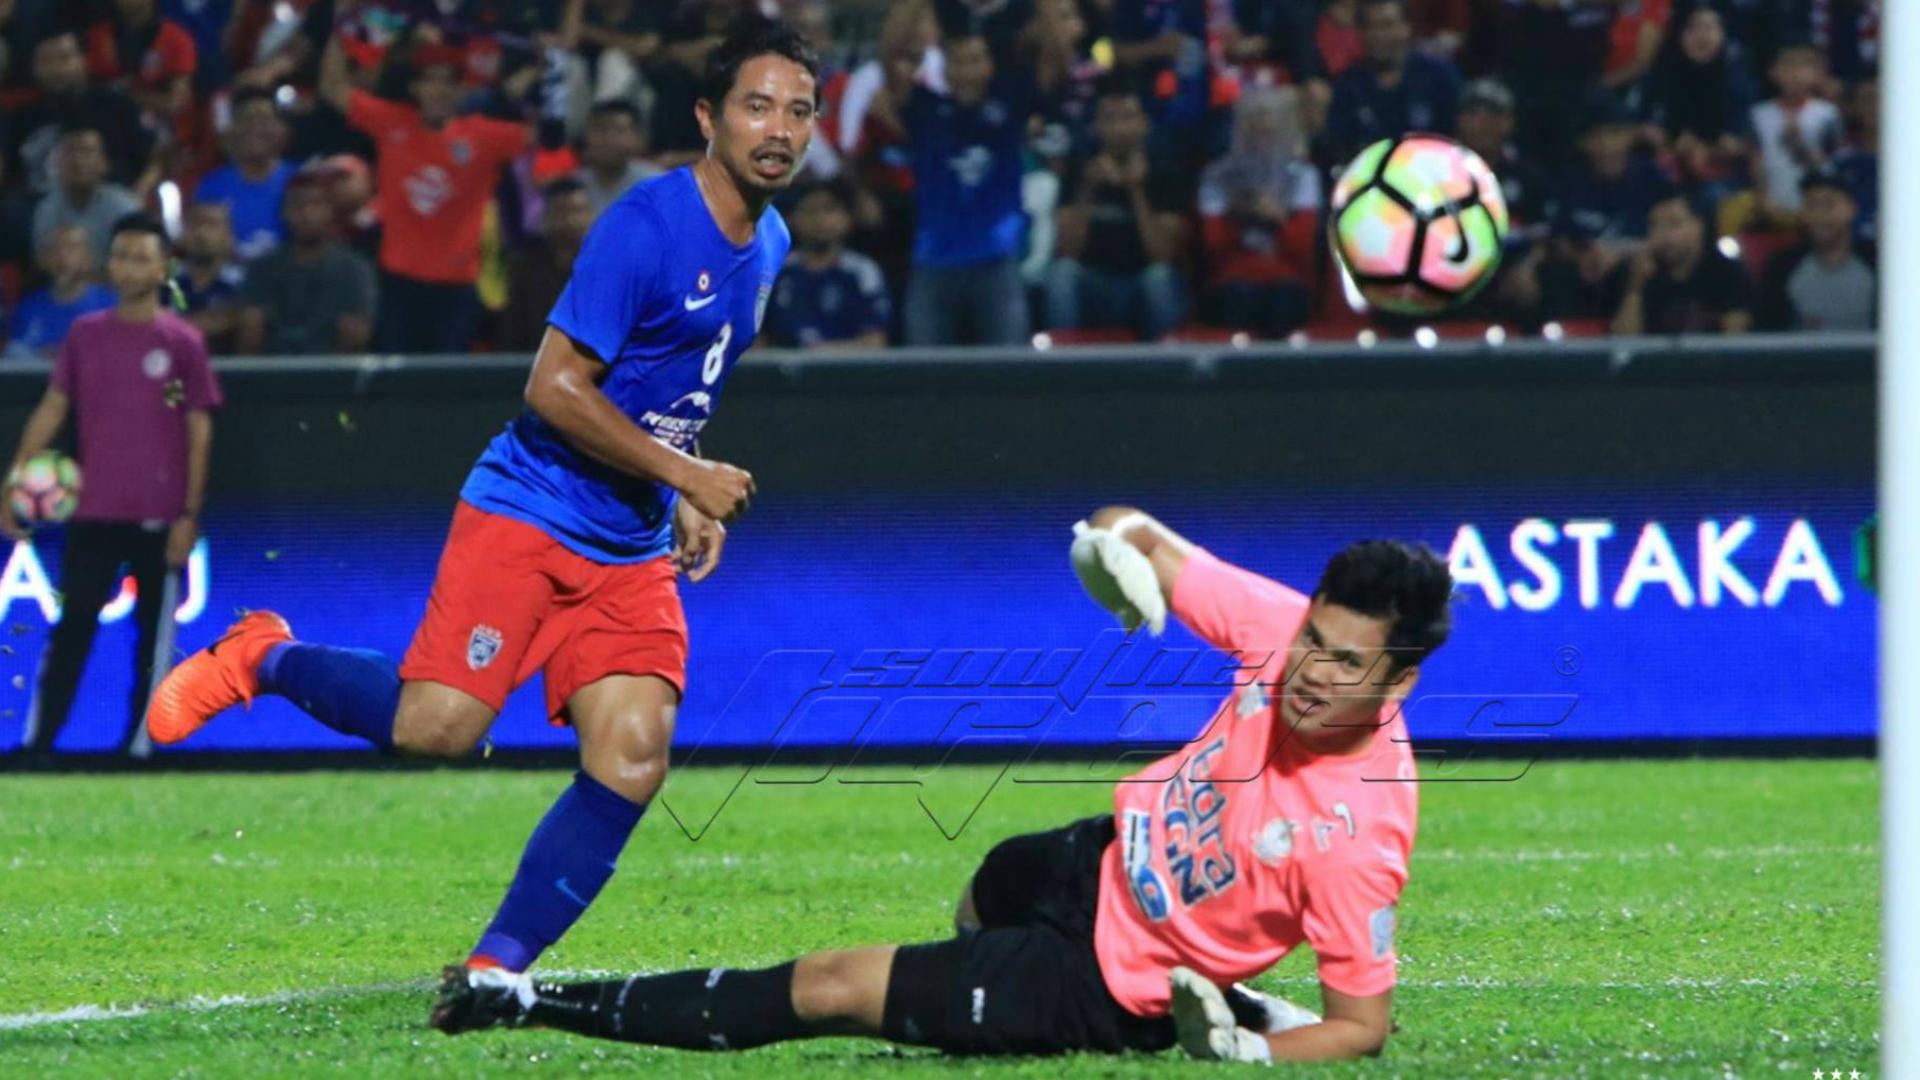 Safiq Rahim, Johor Darul Ta'zim, Melaka United, Super League, 09/04/2017